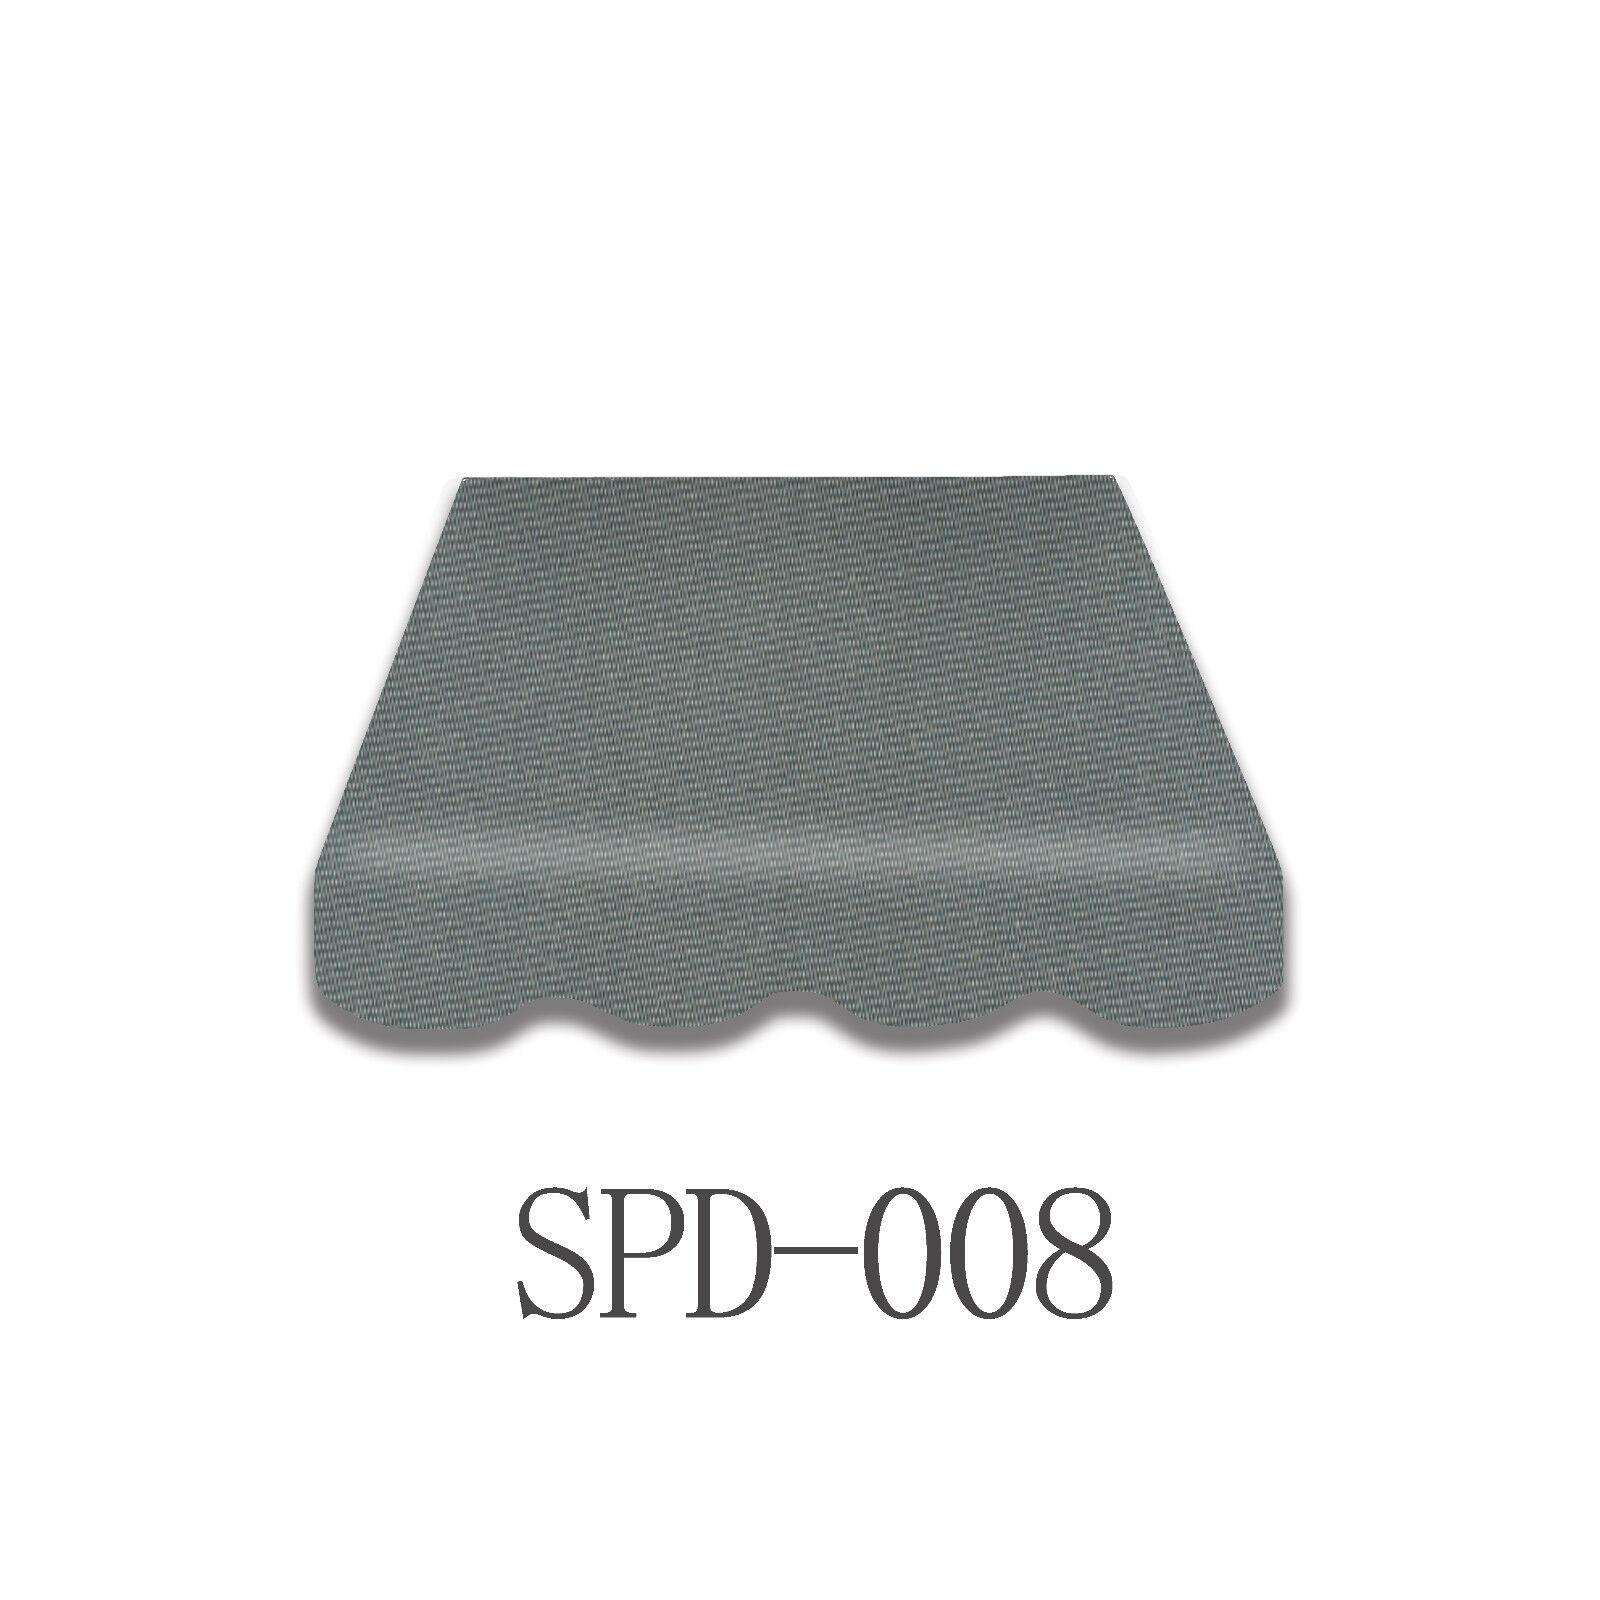 Markisenstoff  Markisenbespannung mit  Volant 3 x 2,5 m Fertig genäht SPD 037